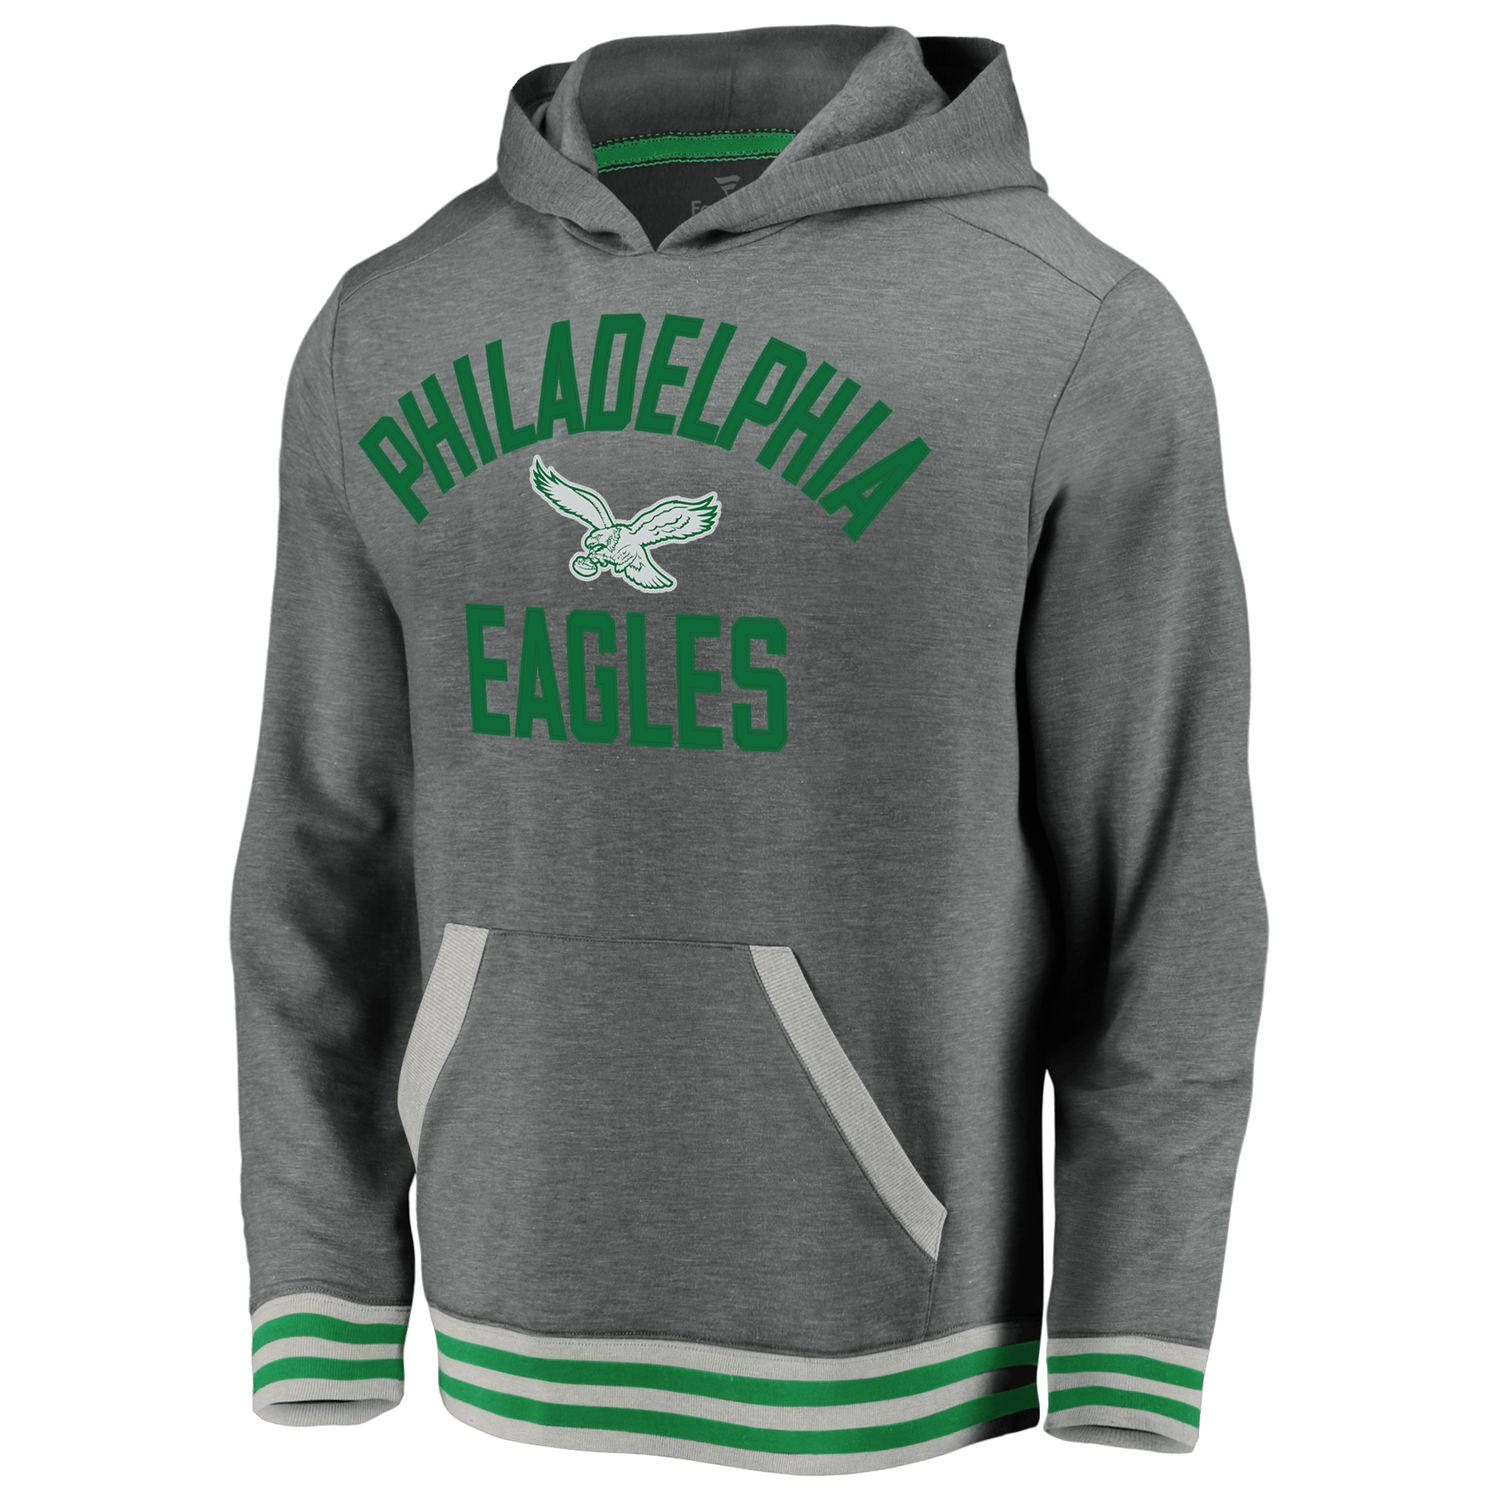 vintage eagles sweatshirt